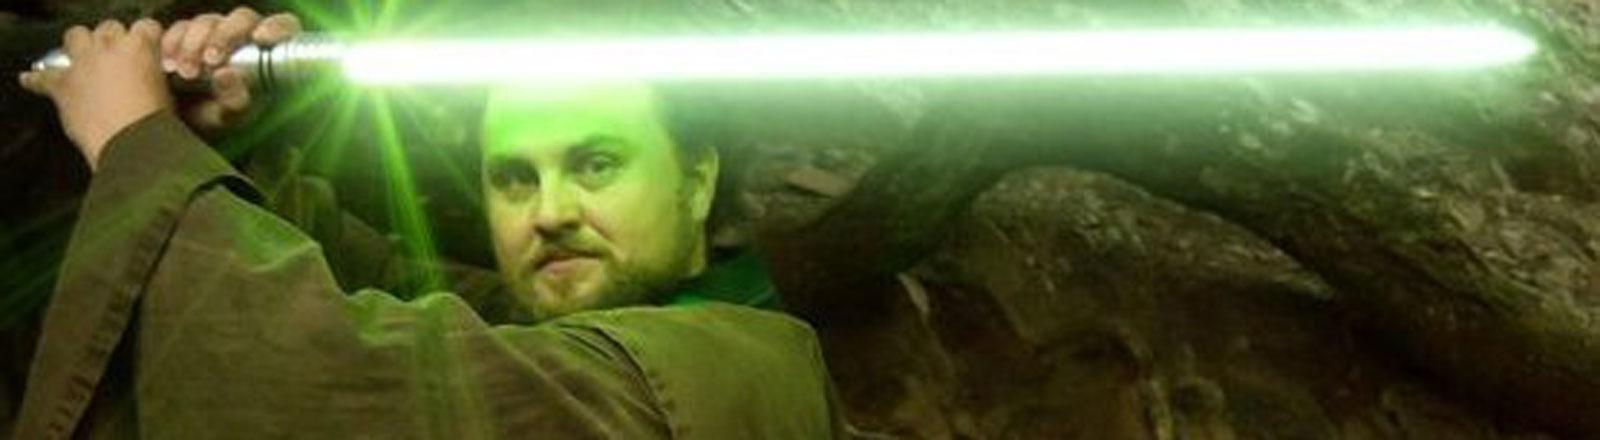 Jedi-Ritter Qui-Ran Demera, bürgerlich Max Lütgendorff, der Gründer des Jedi-Ritter-Ordens Order of Hope.